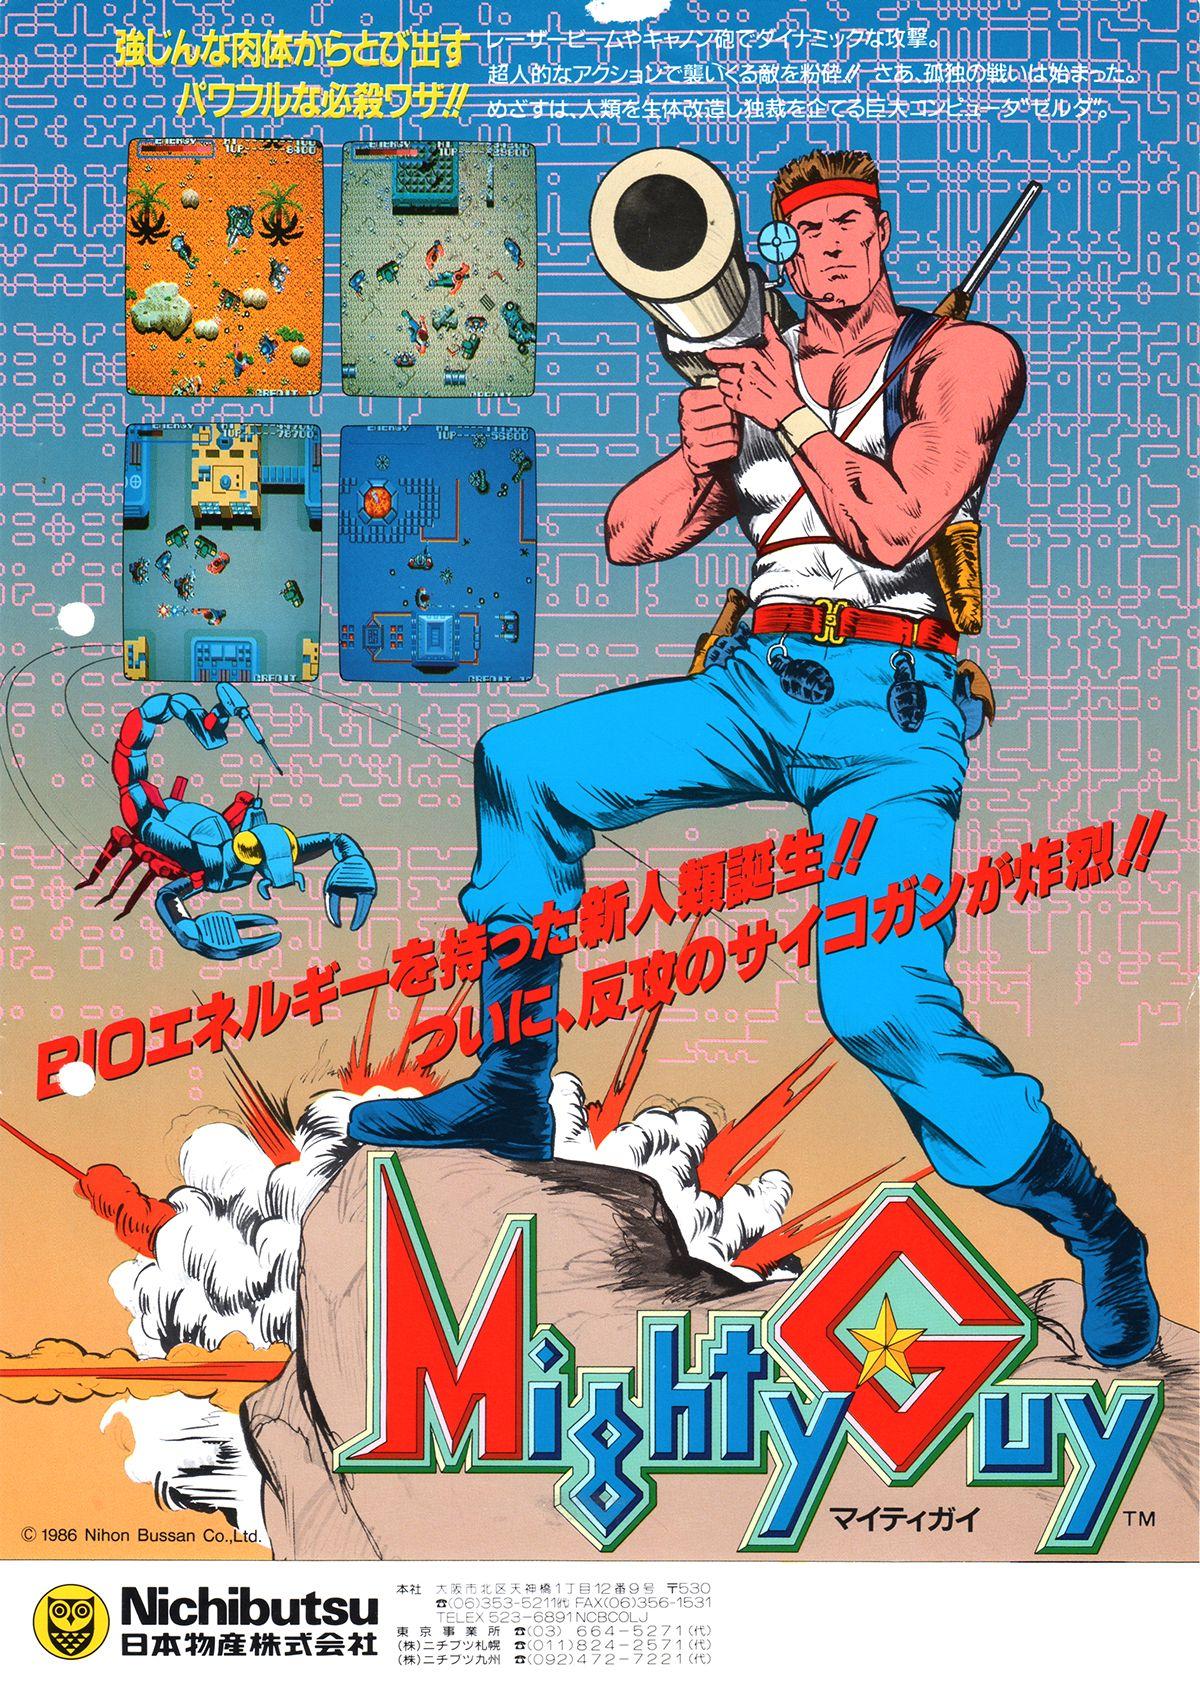 """ニチブツ/日本物産「マイティガイ」チラシ/Nichibutsu """"Mighty"""